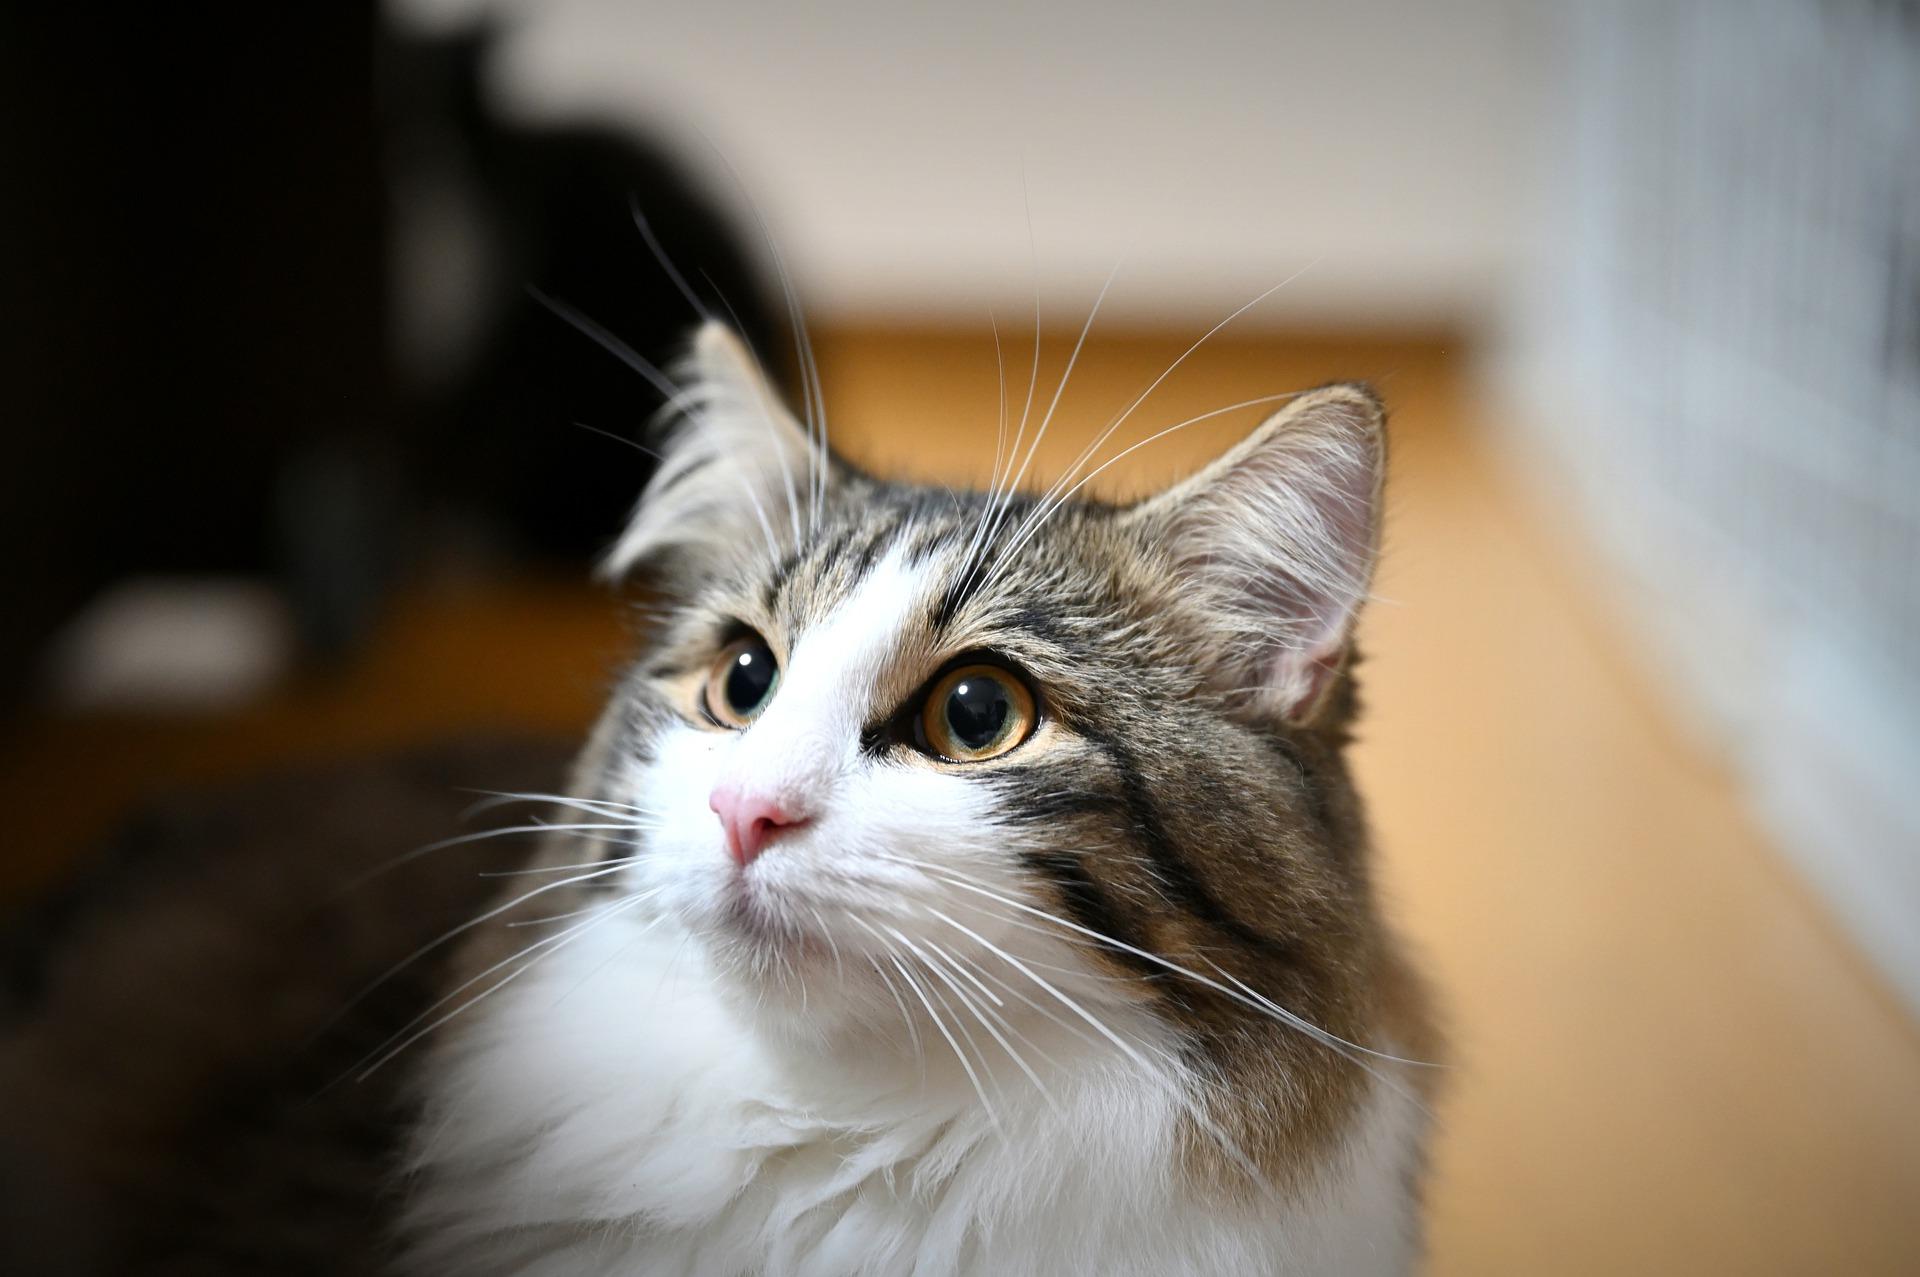 Koty norweskie leśne mają psi charakter. Idealnie sprawdzą się na spacerach, wyprowadzane na smyczy, lubią także aportowanie i naukę sztuczek.